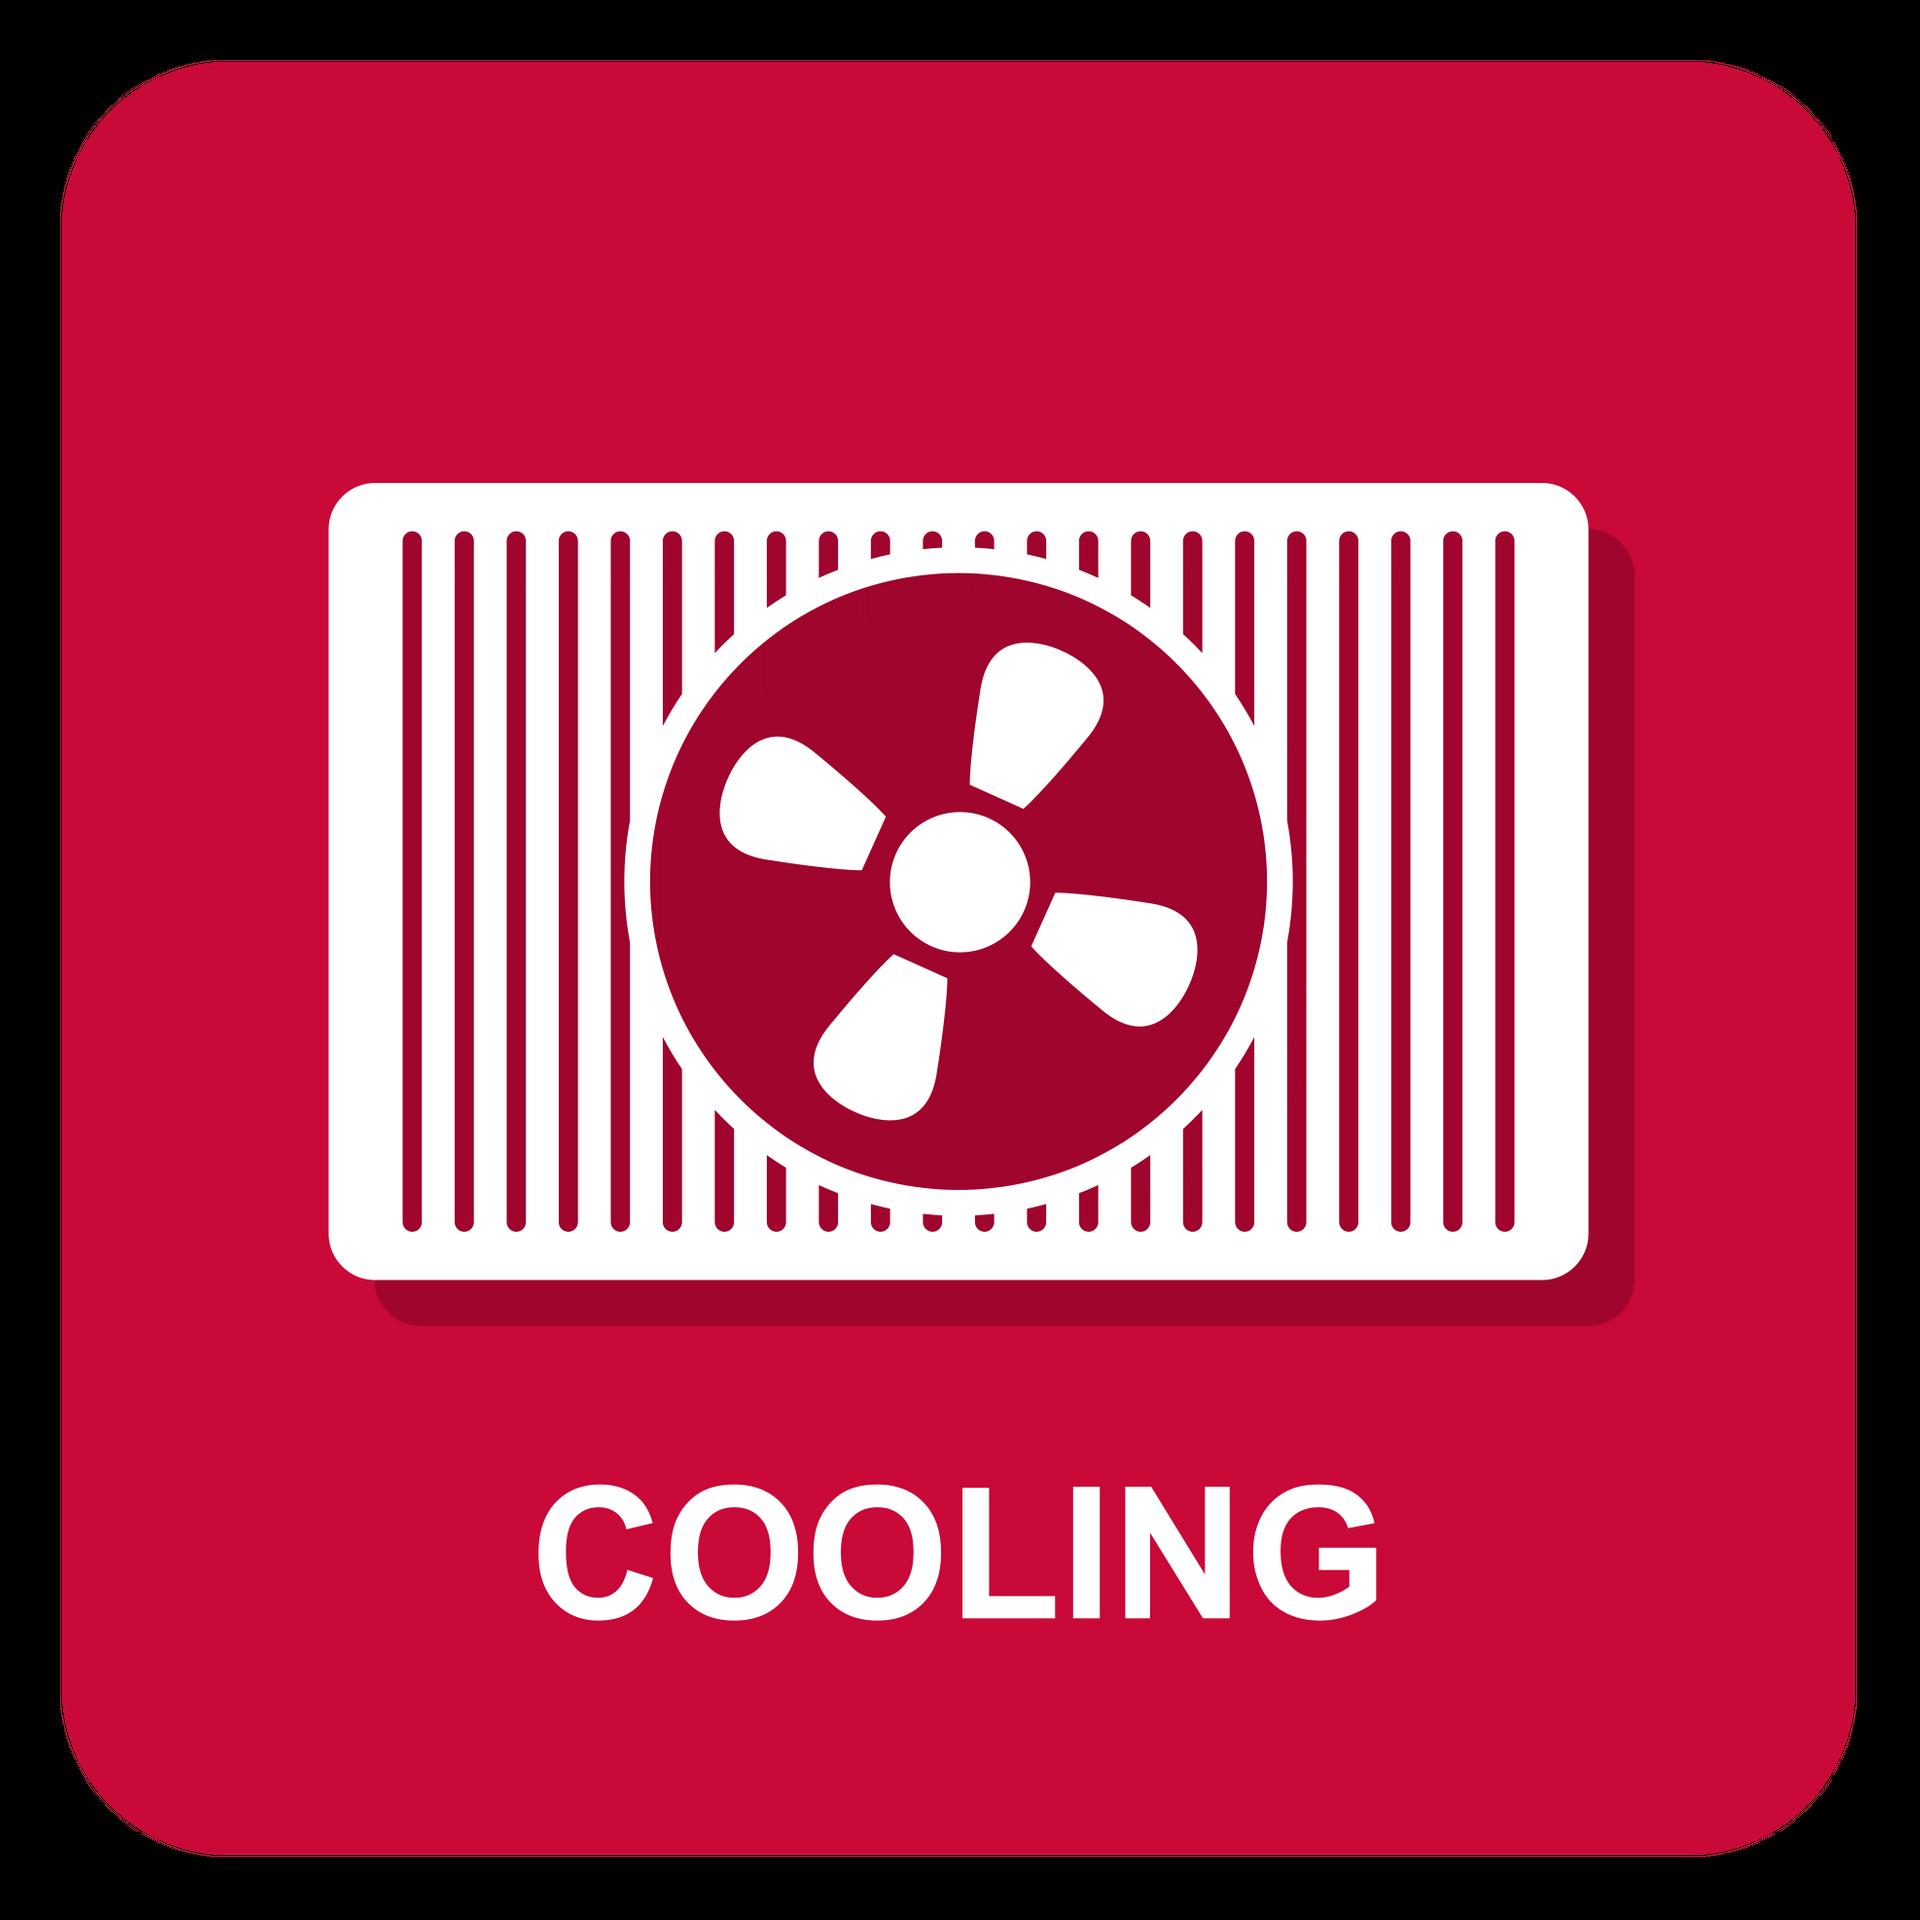 SKYLINE COOLING